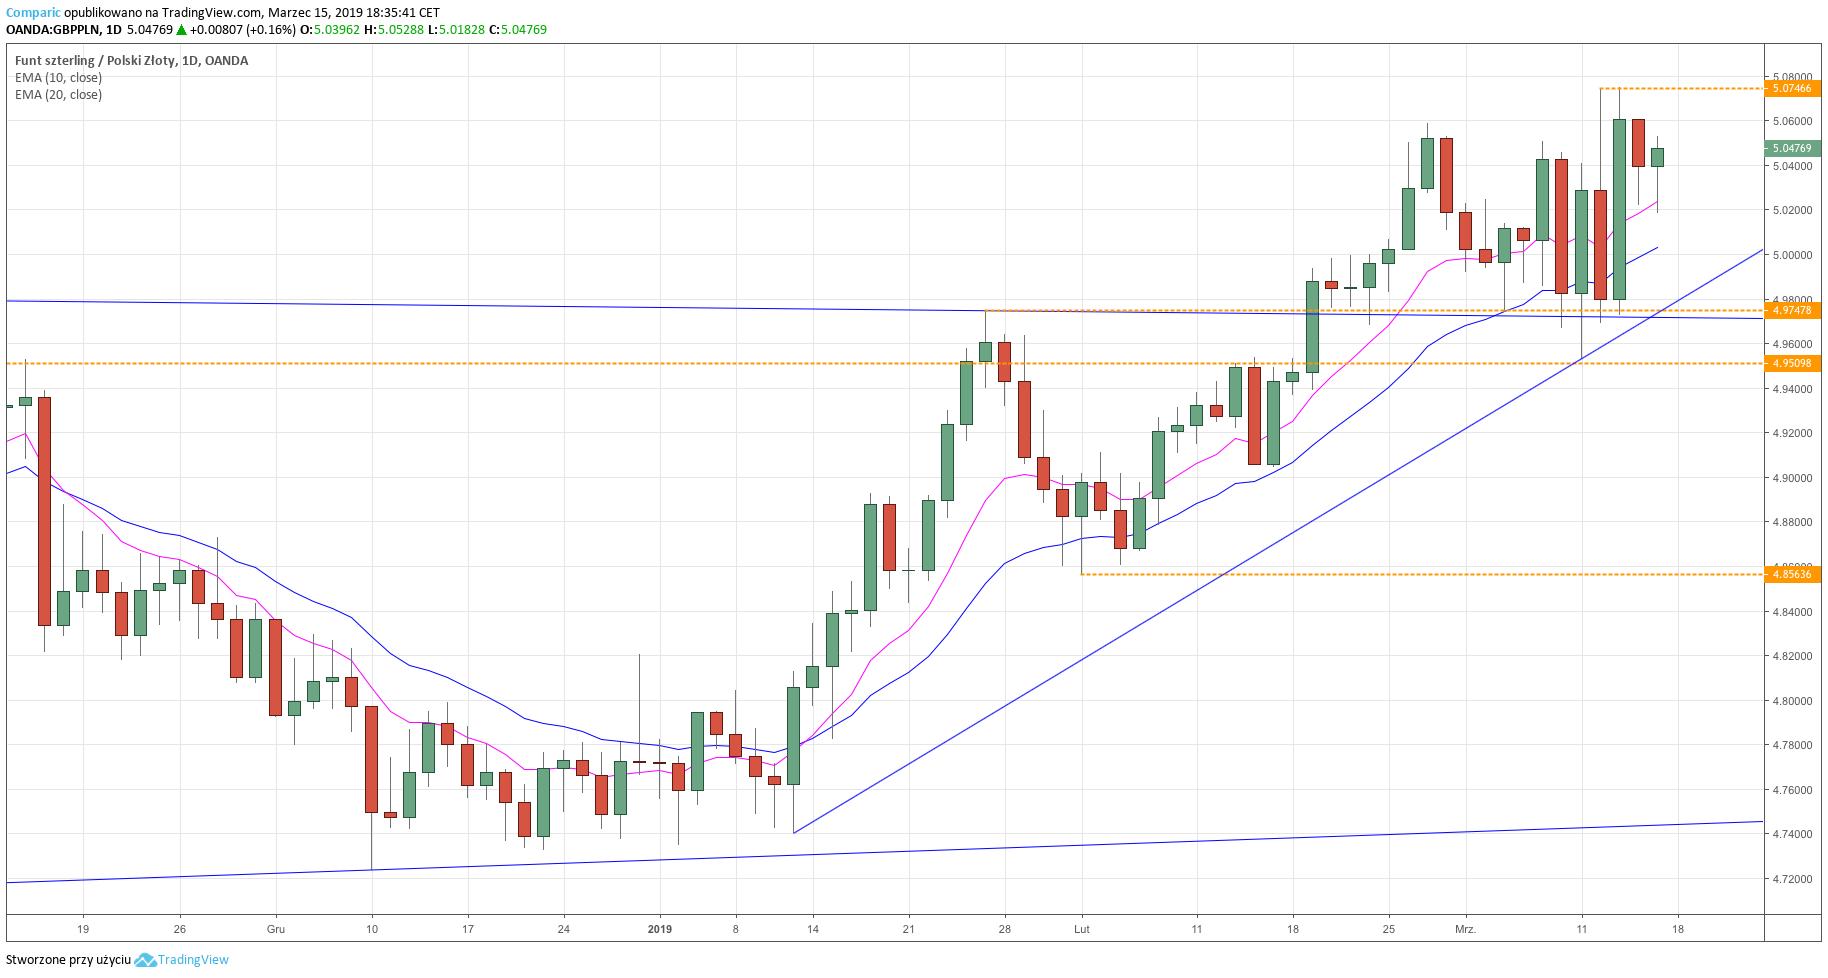 GBP/PLN - wykres dzienny - 15 marca 2019 r.